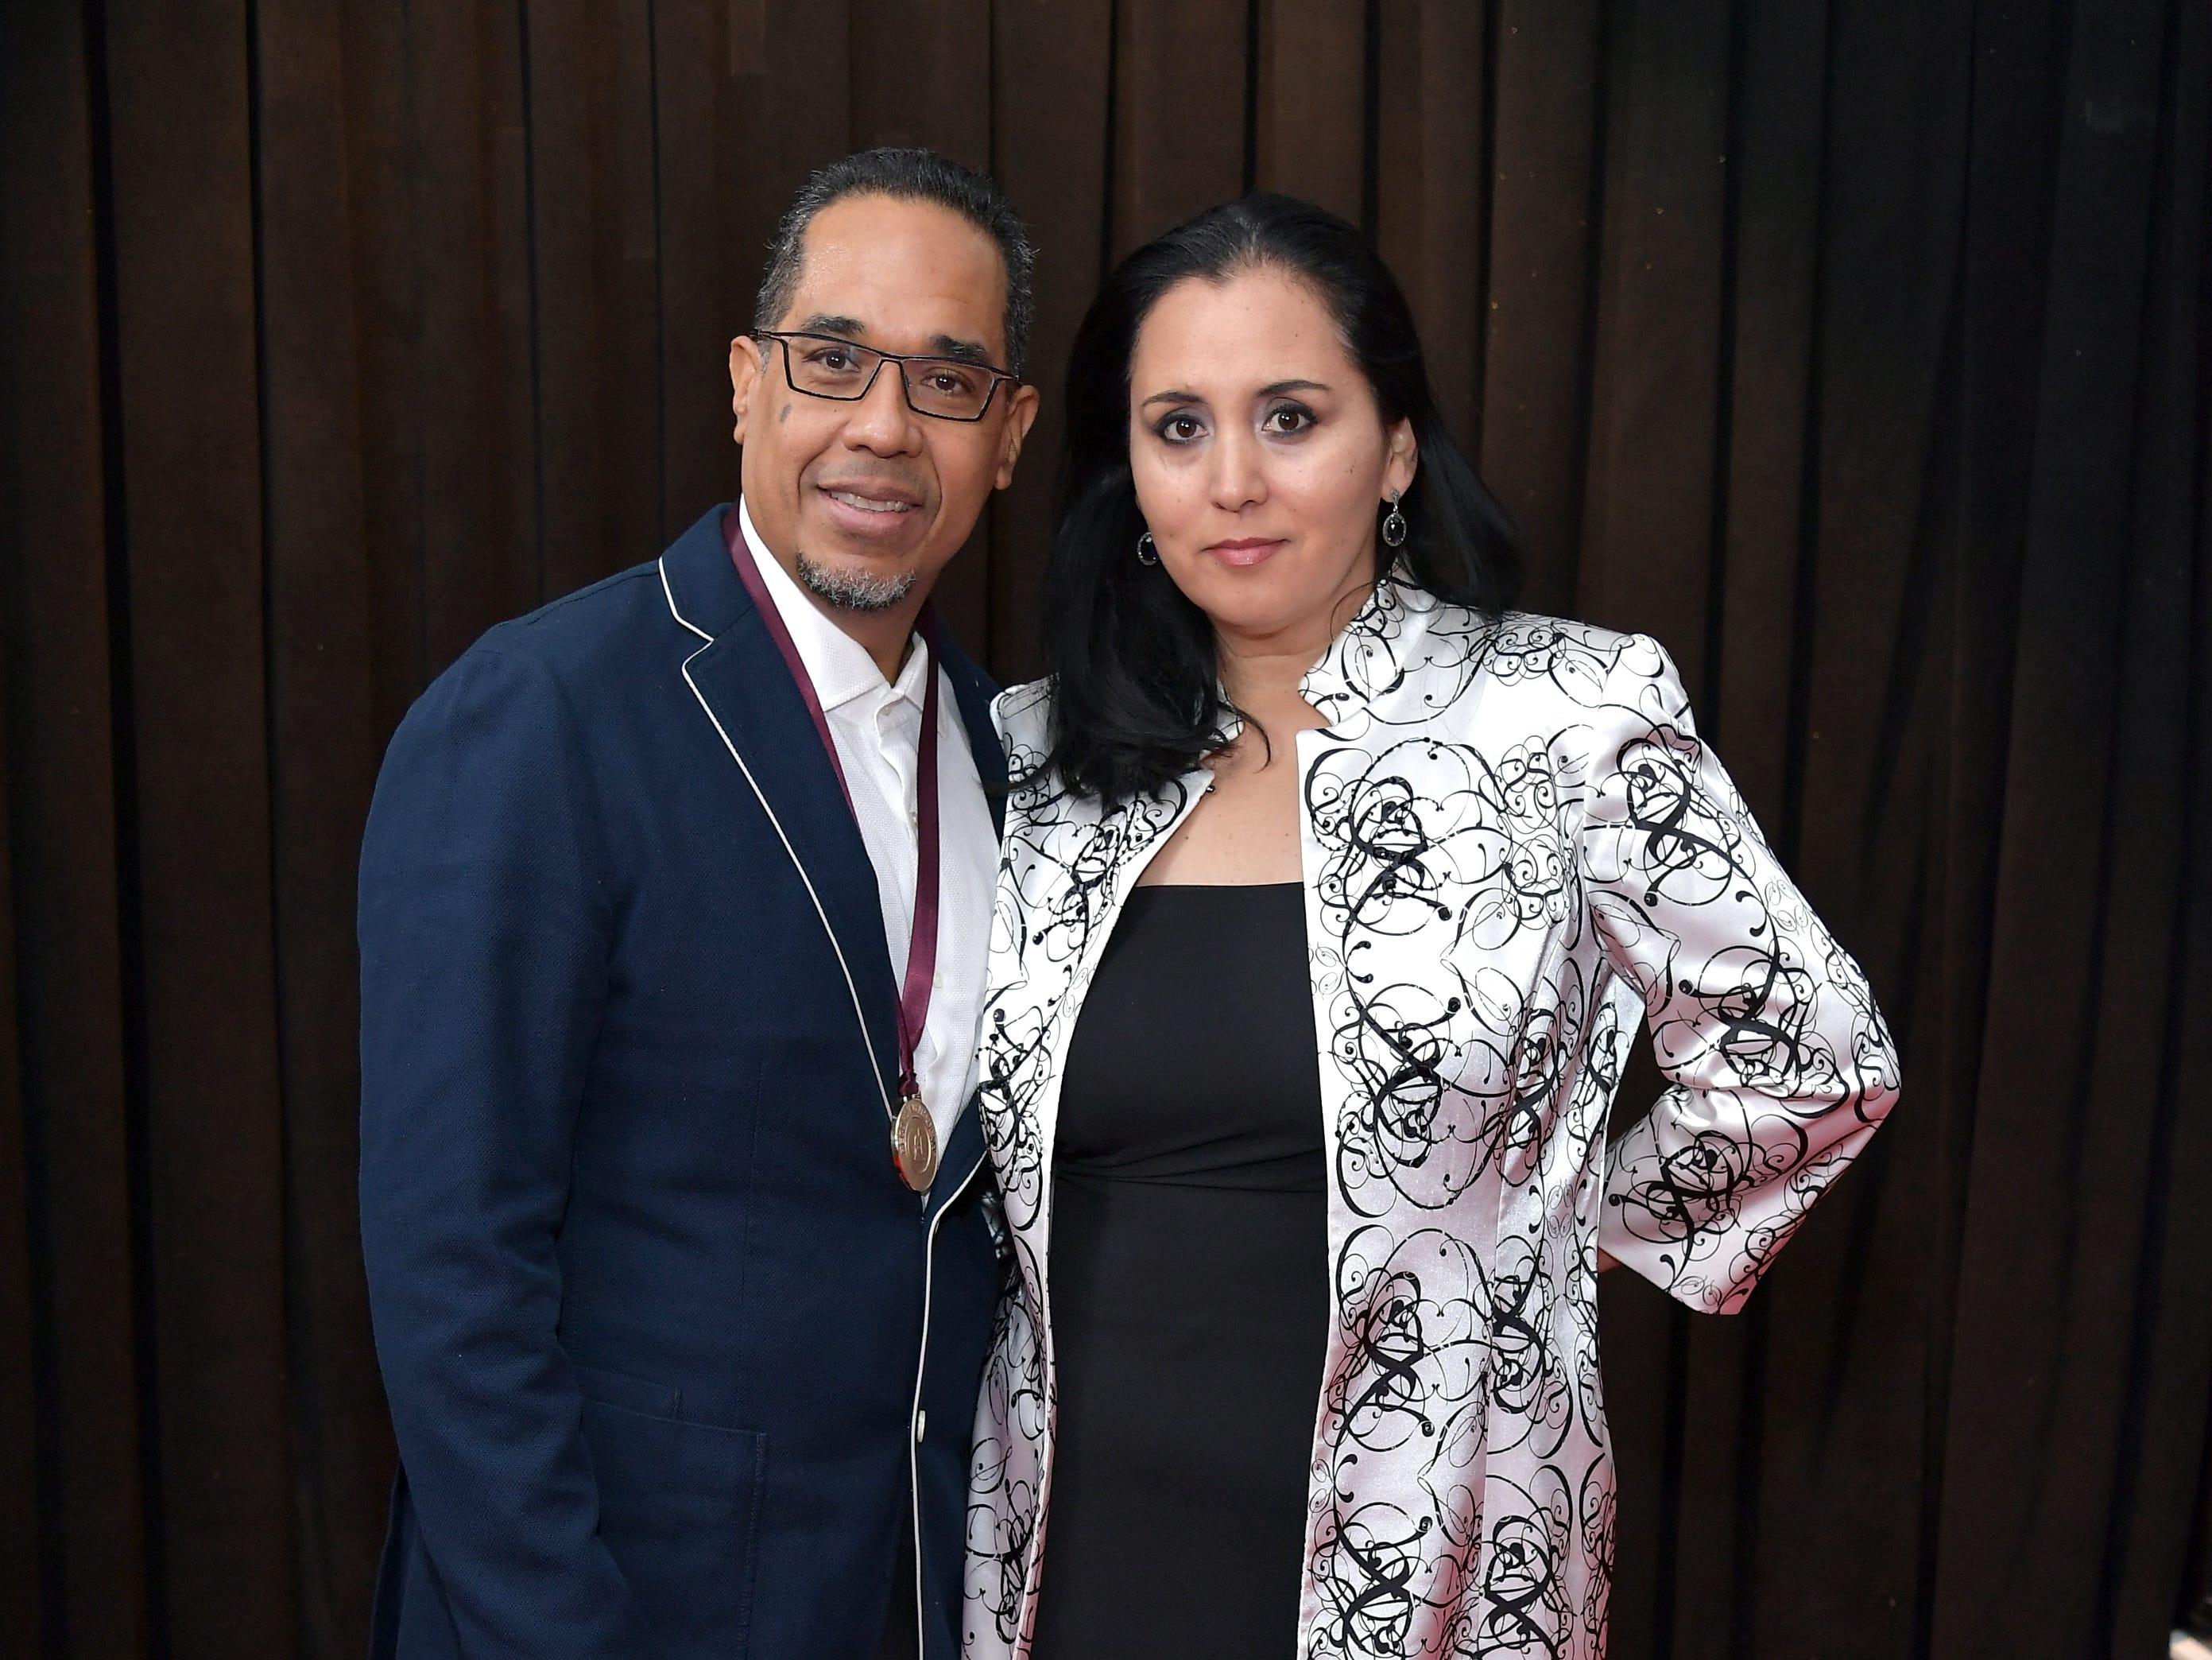 Danilo Pérez y Patricia Zarate asisten a la 61ª edición de los premios GRAMMY en el Staples Center el 10 de febrero de 2019 en Los Ángeles, California.